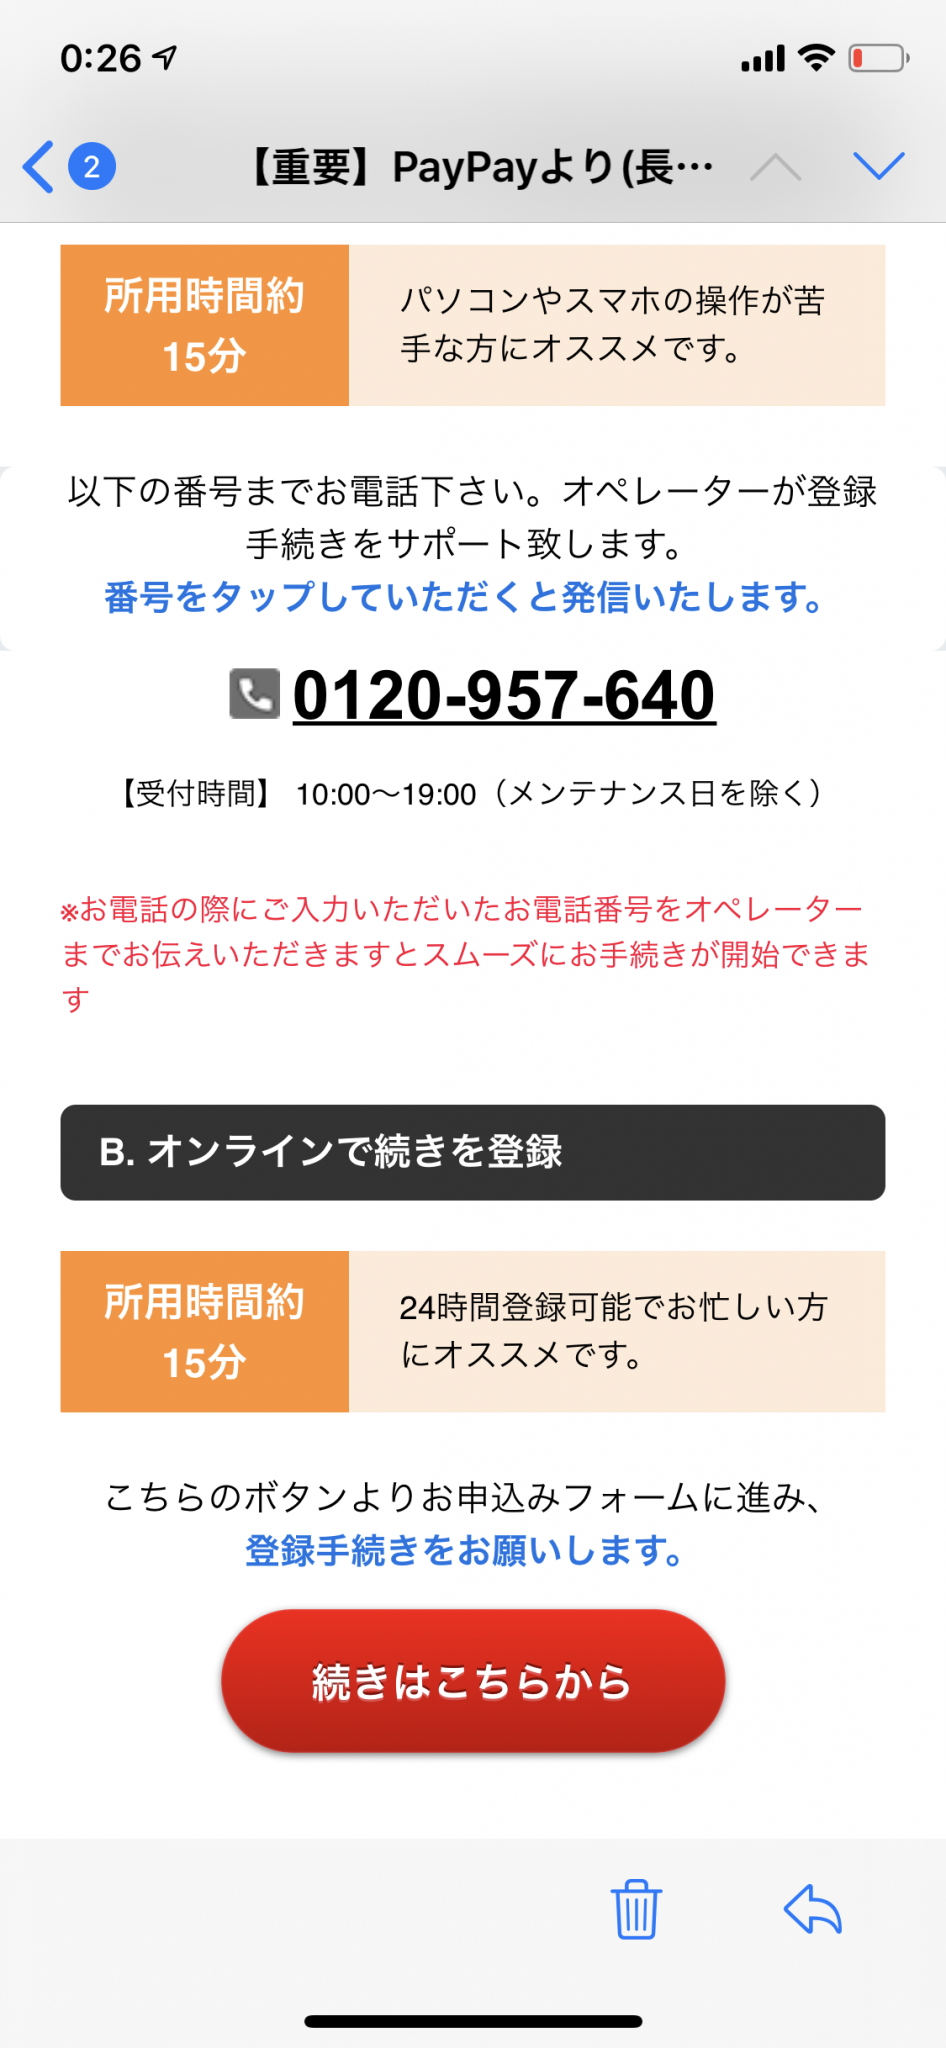 PayPay本登録